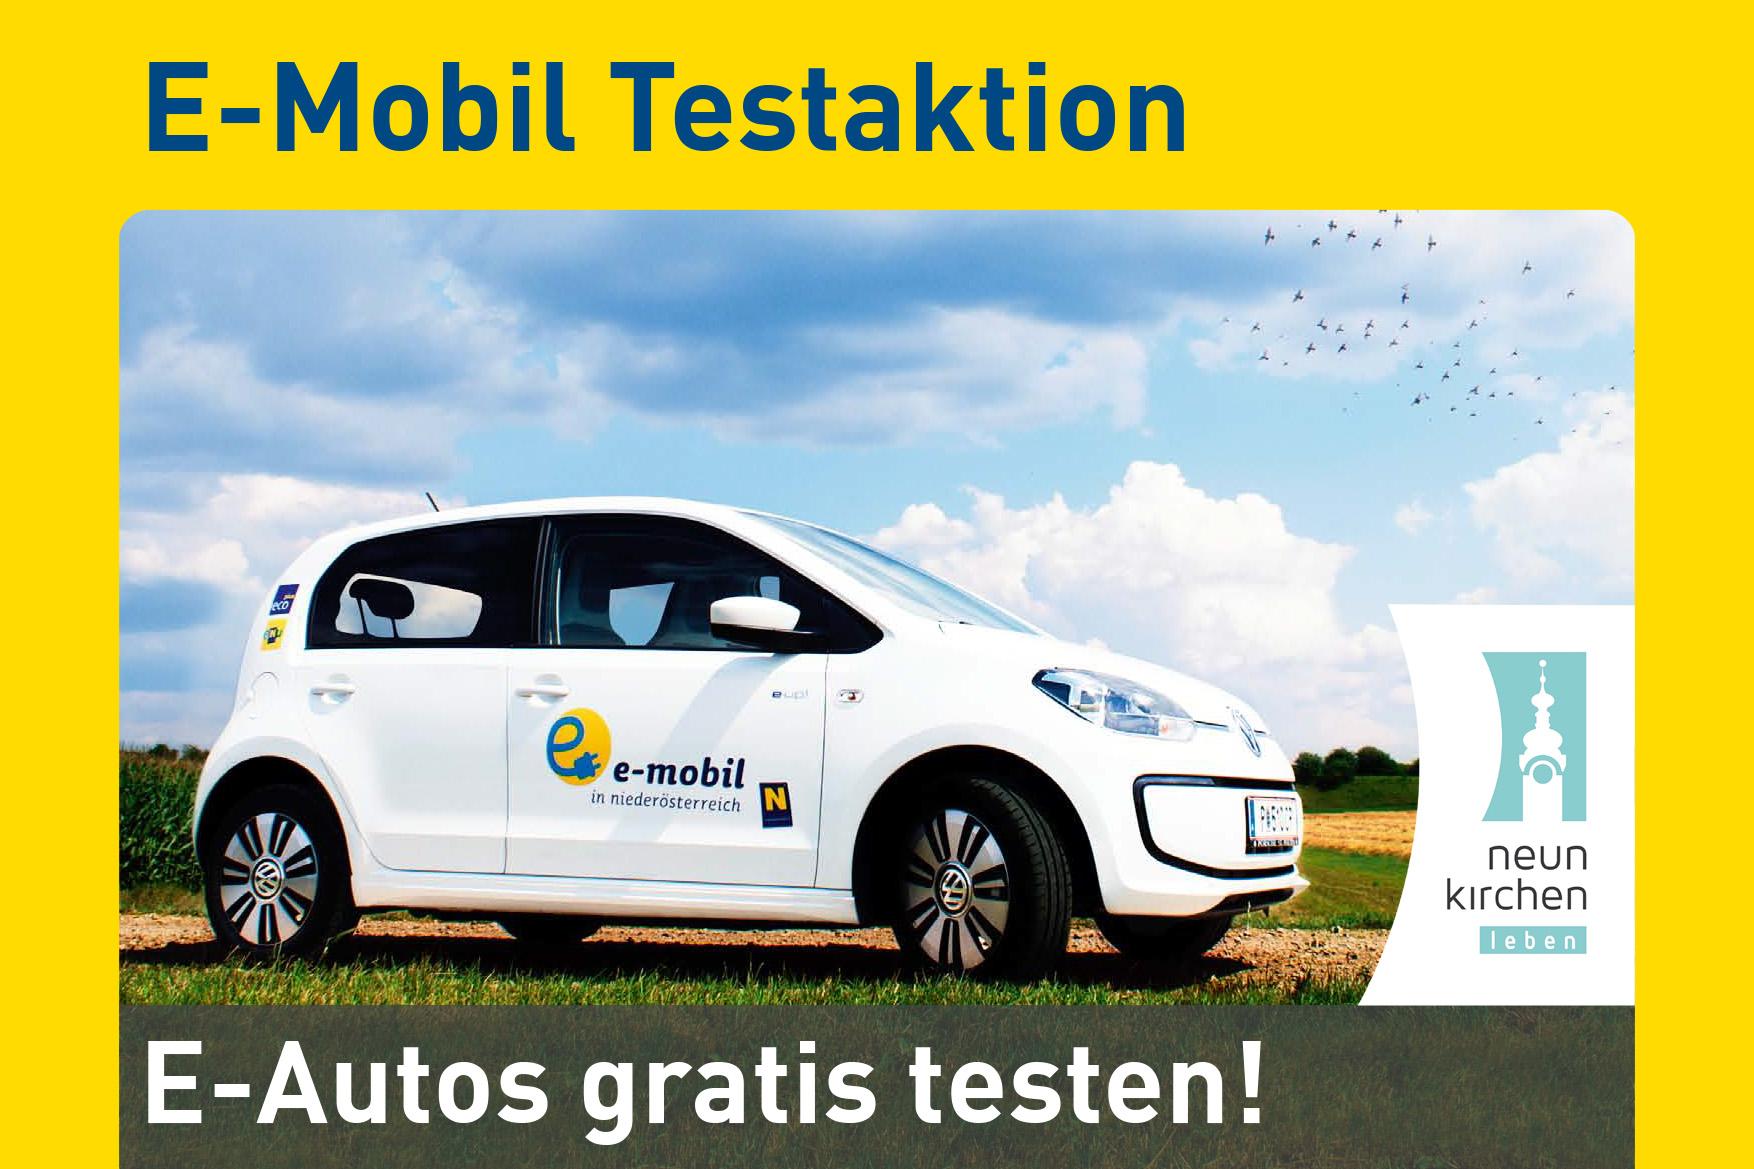 e-Mobil Testaktion, Neunkirchen